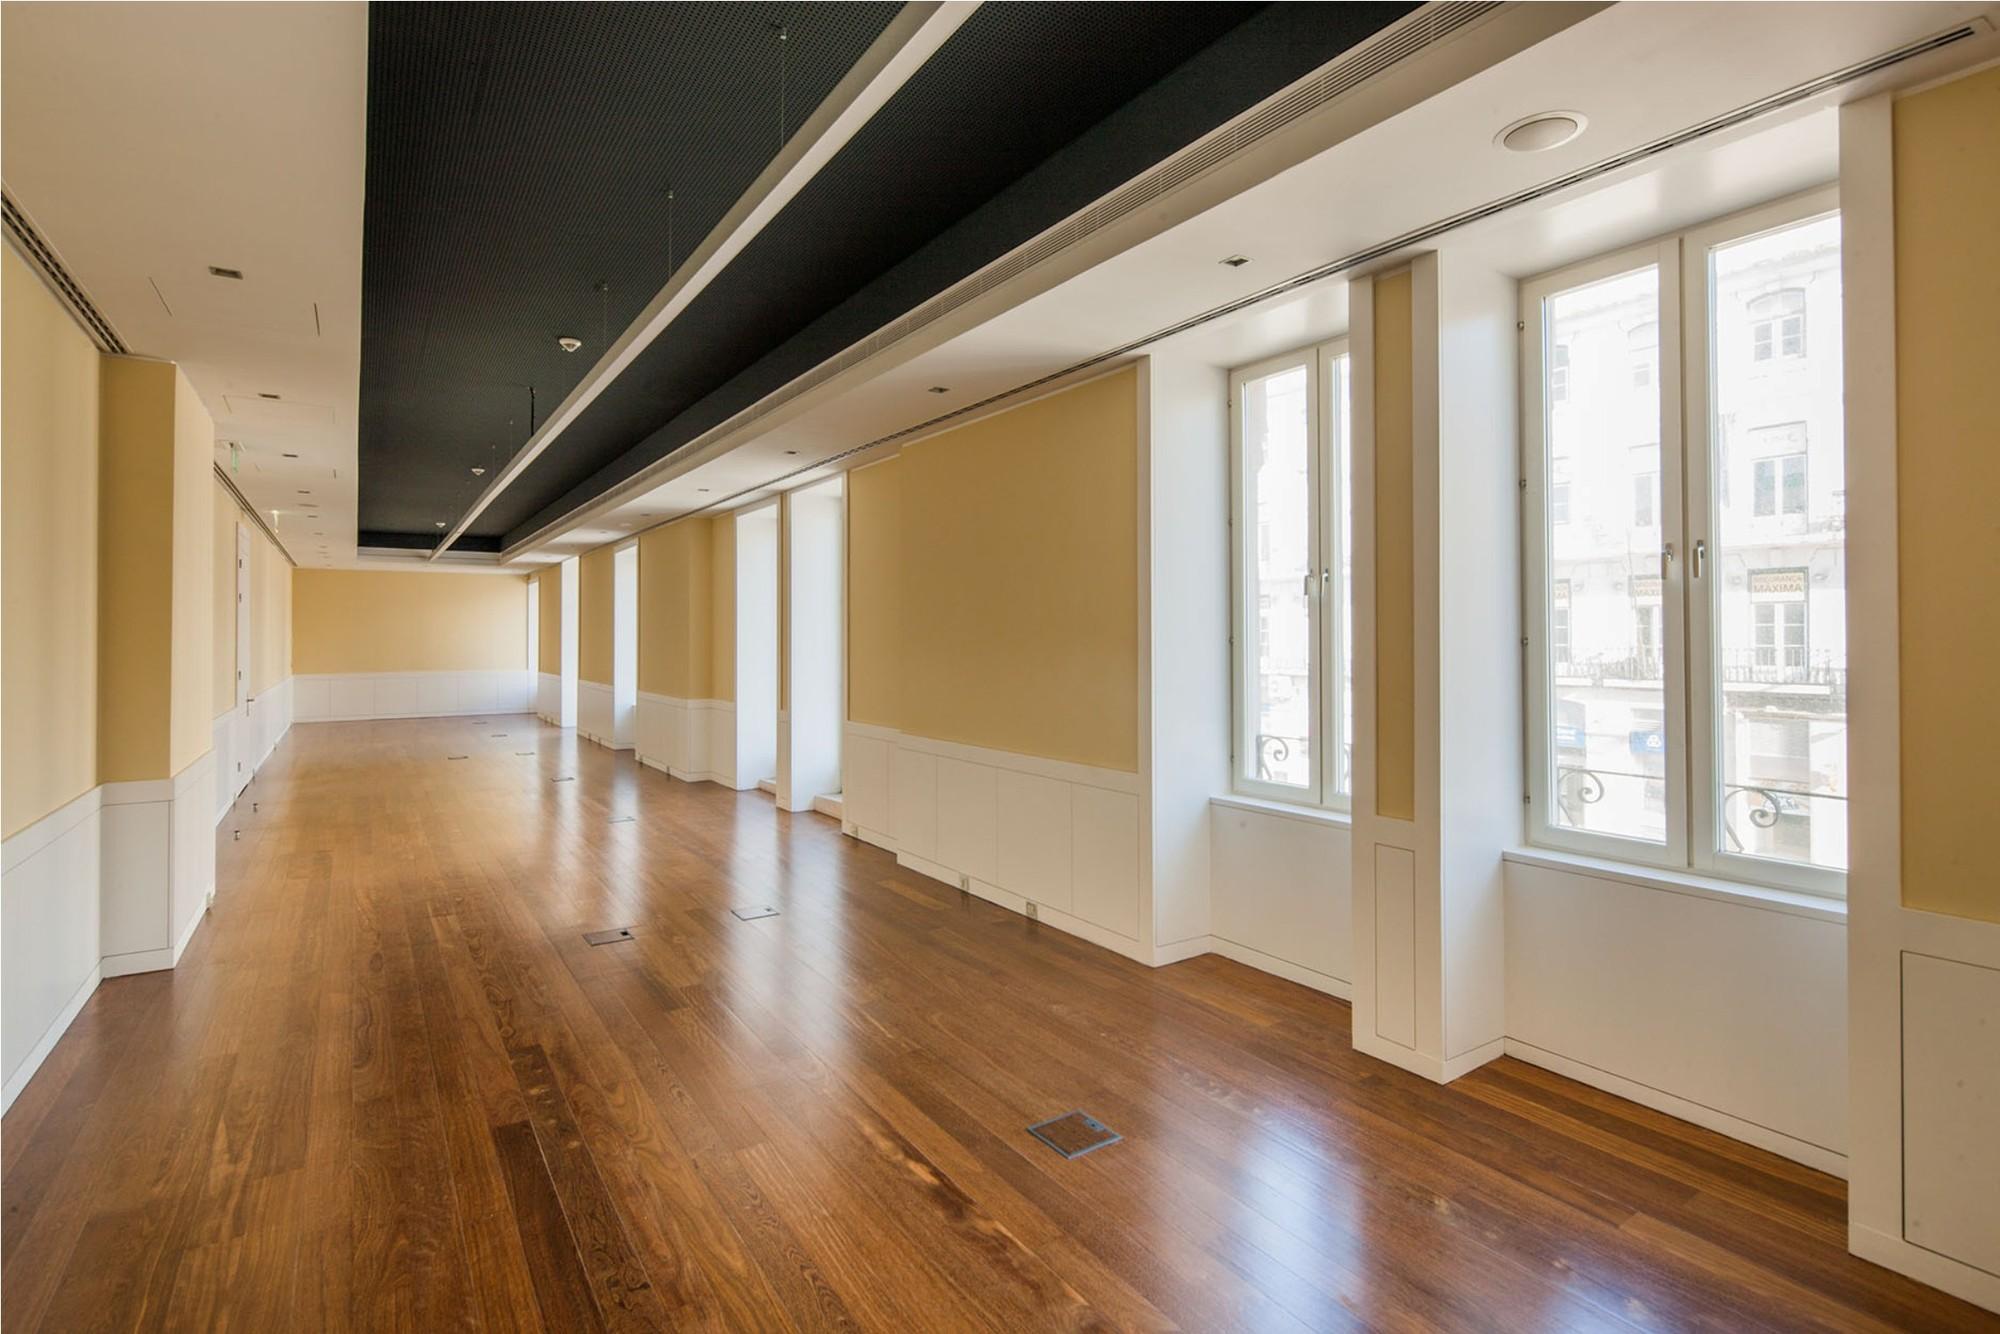 Galeria de reabilita o do palacete do rel gio alexandre - Arquitectura pereira ...